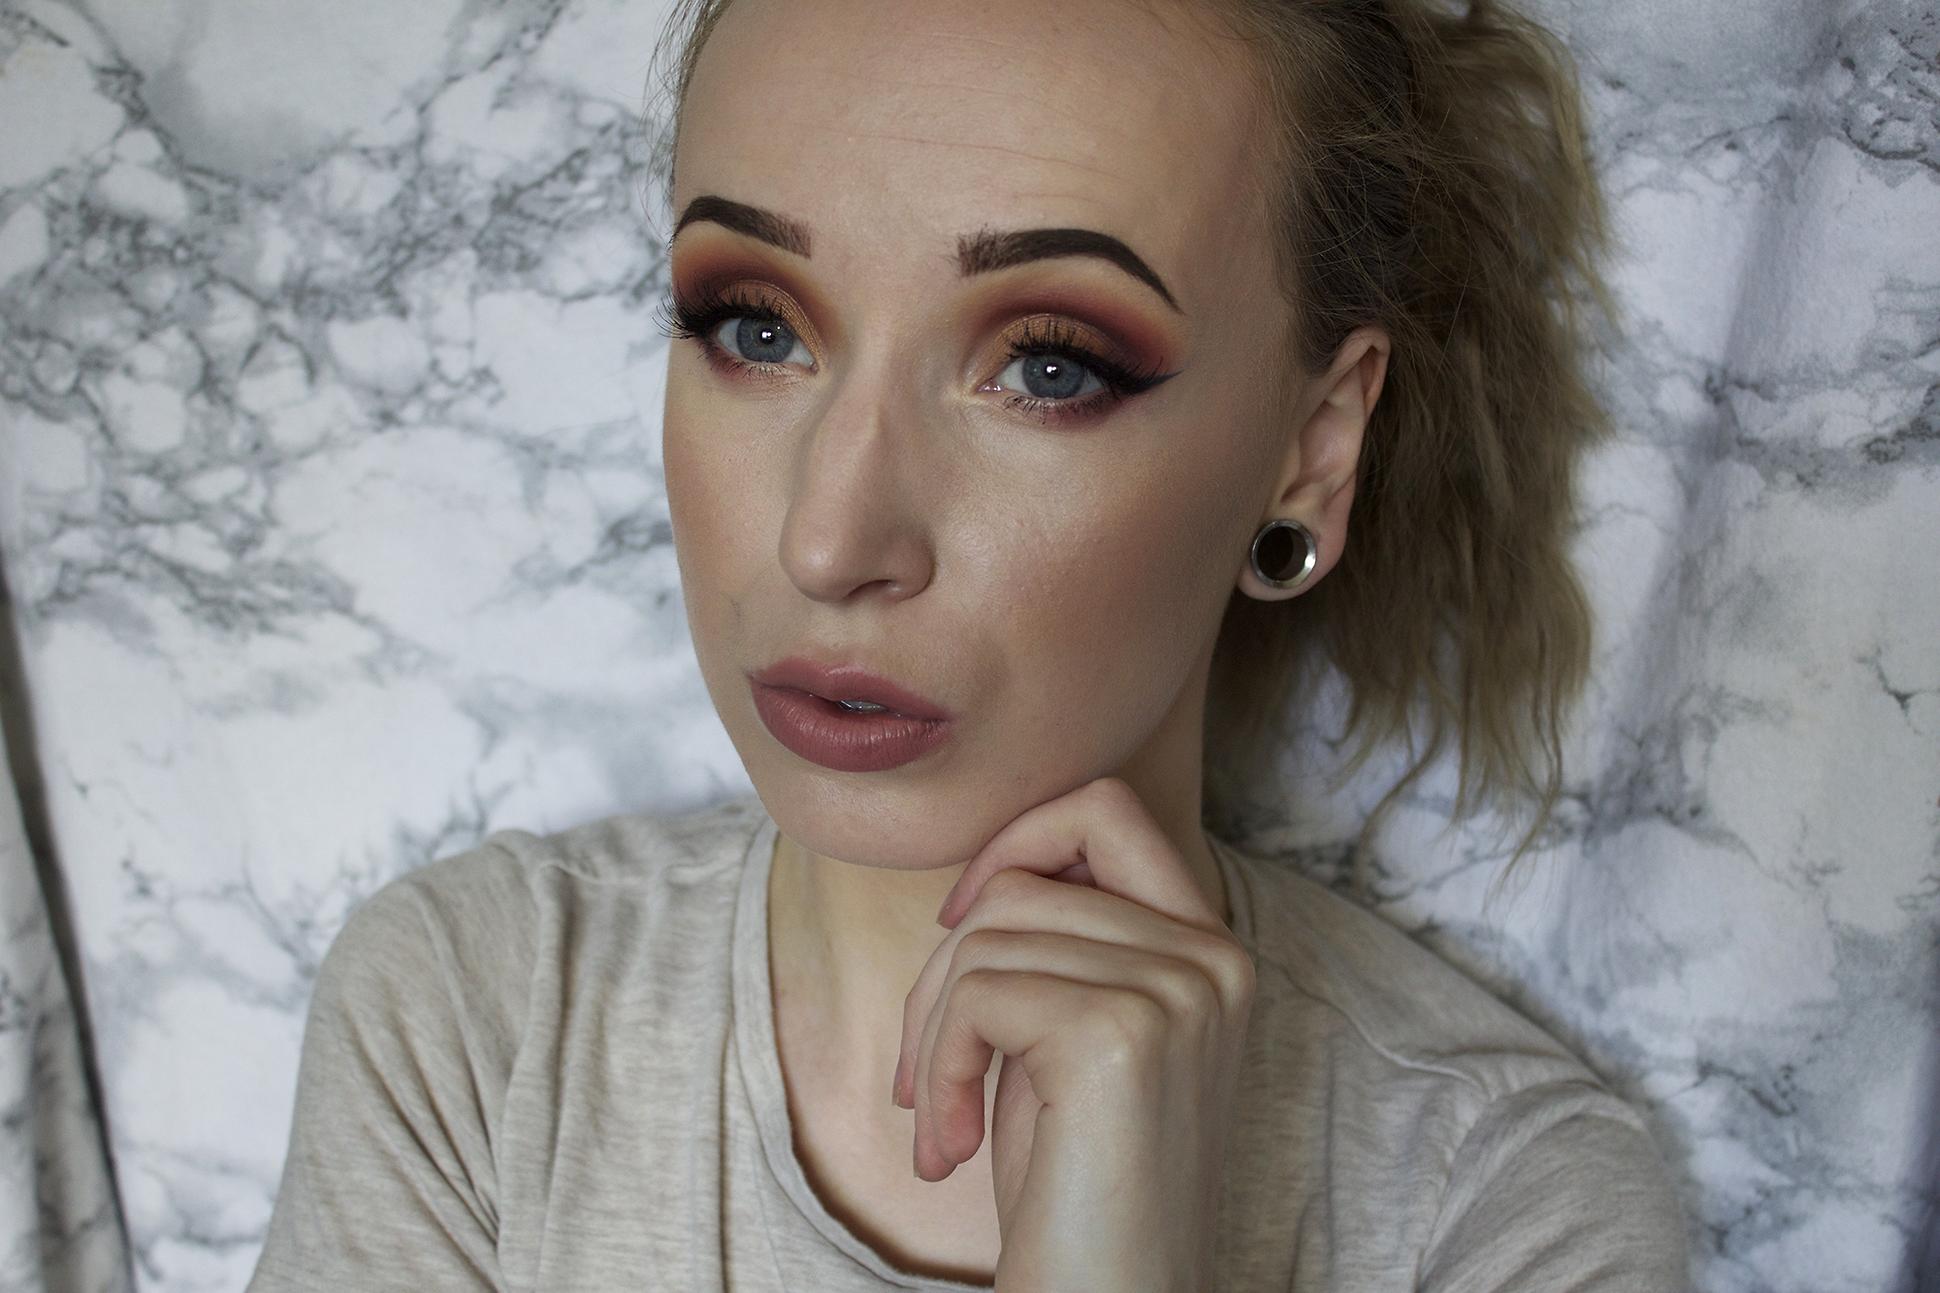 Makeup look: Copper